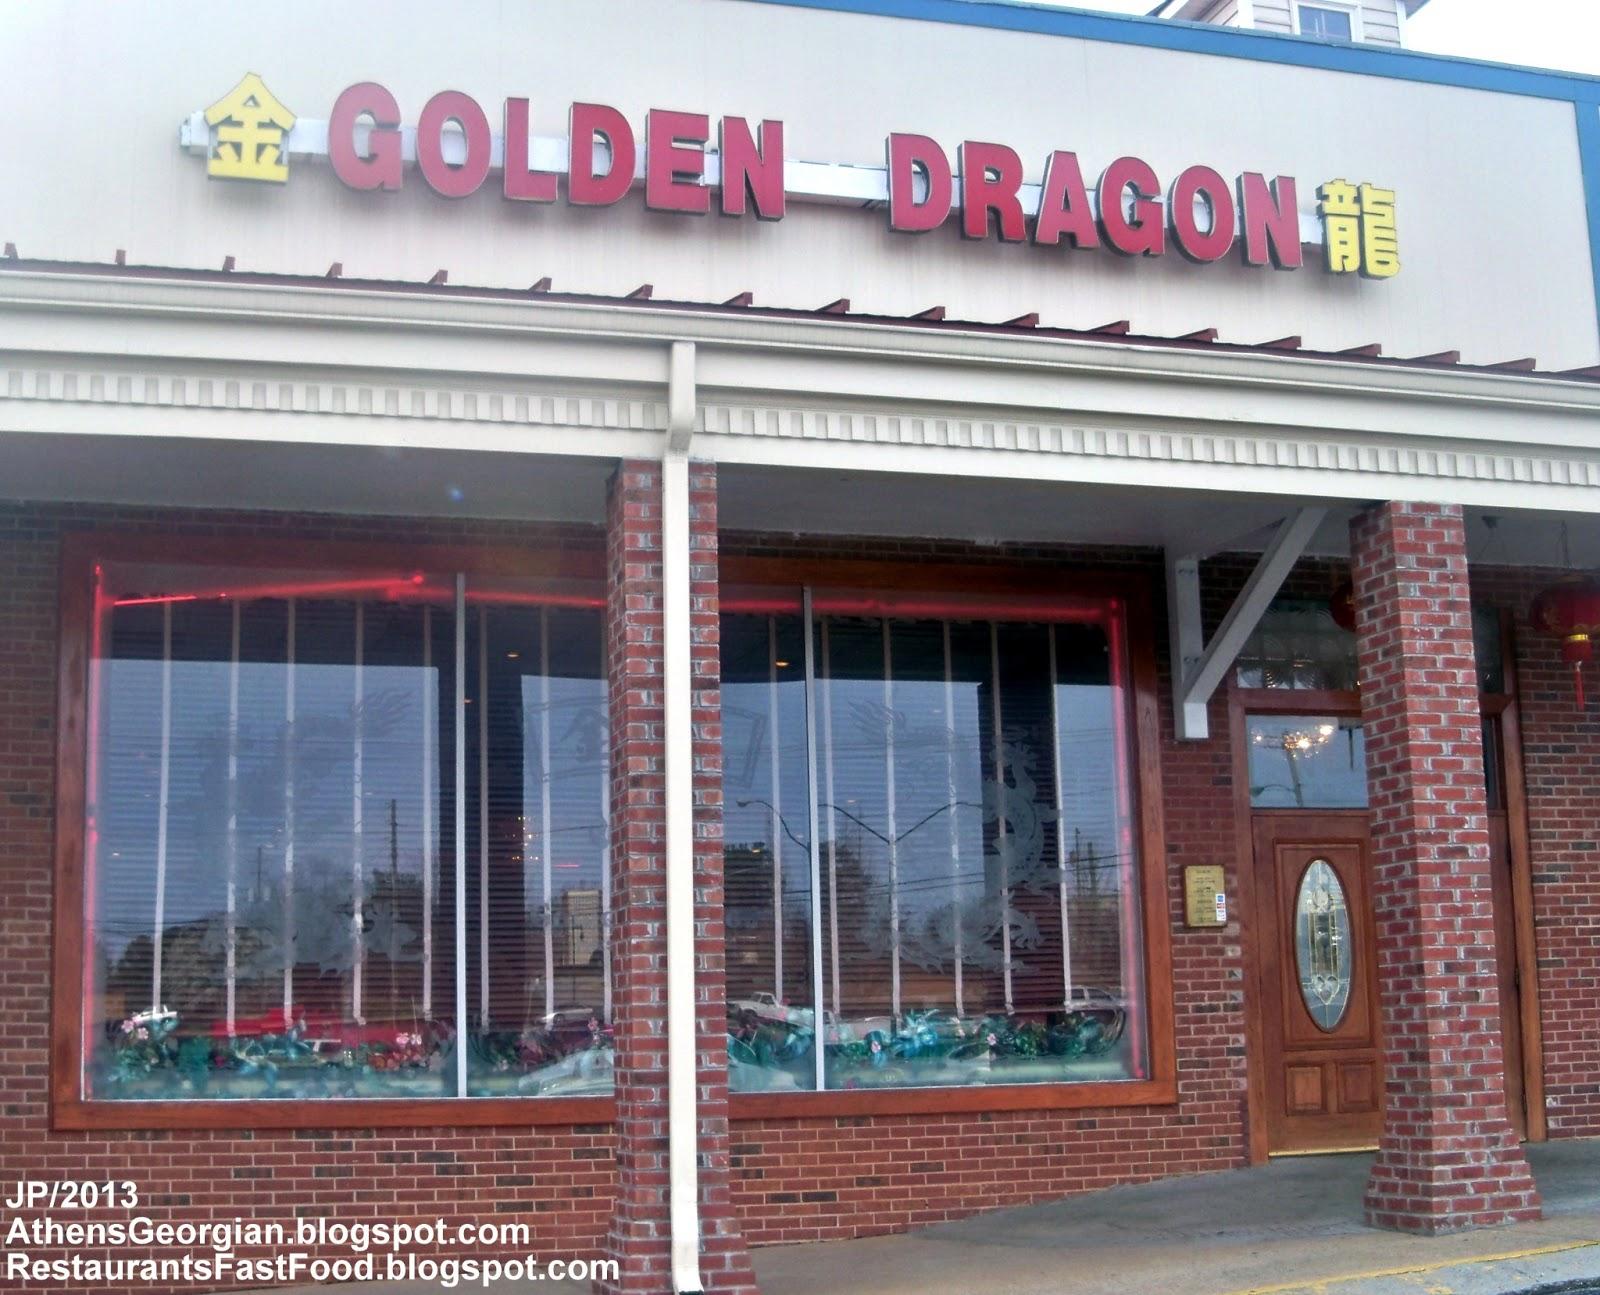 Restaurant fast food menu mcdonald 39 s dq bk hamburger pizza for Asian cuisine athens al